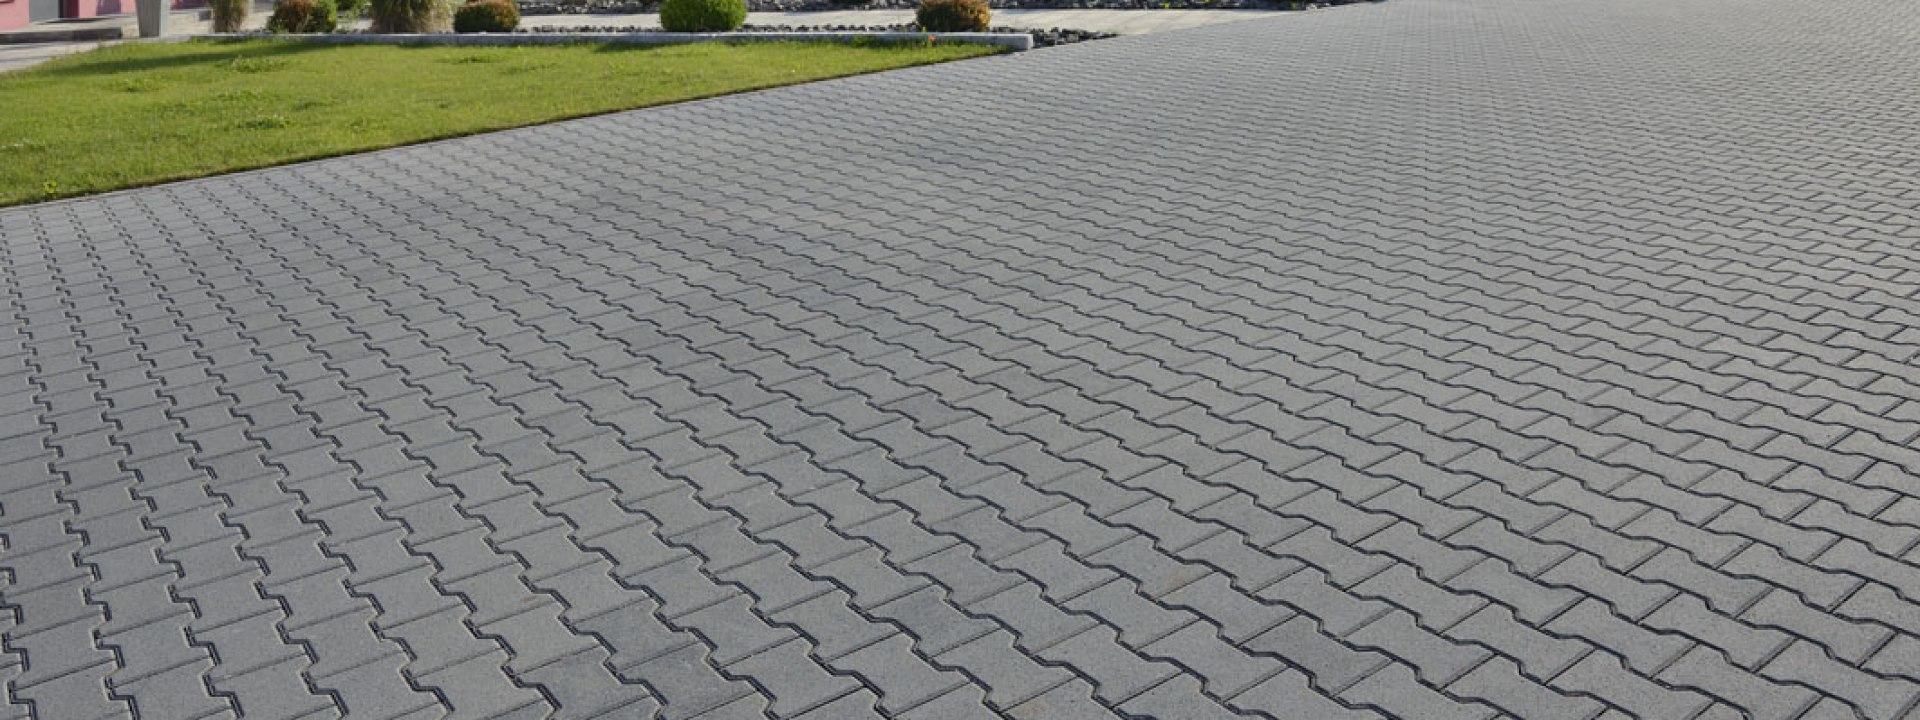 h-beton | godelmann gmbh & co. kg